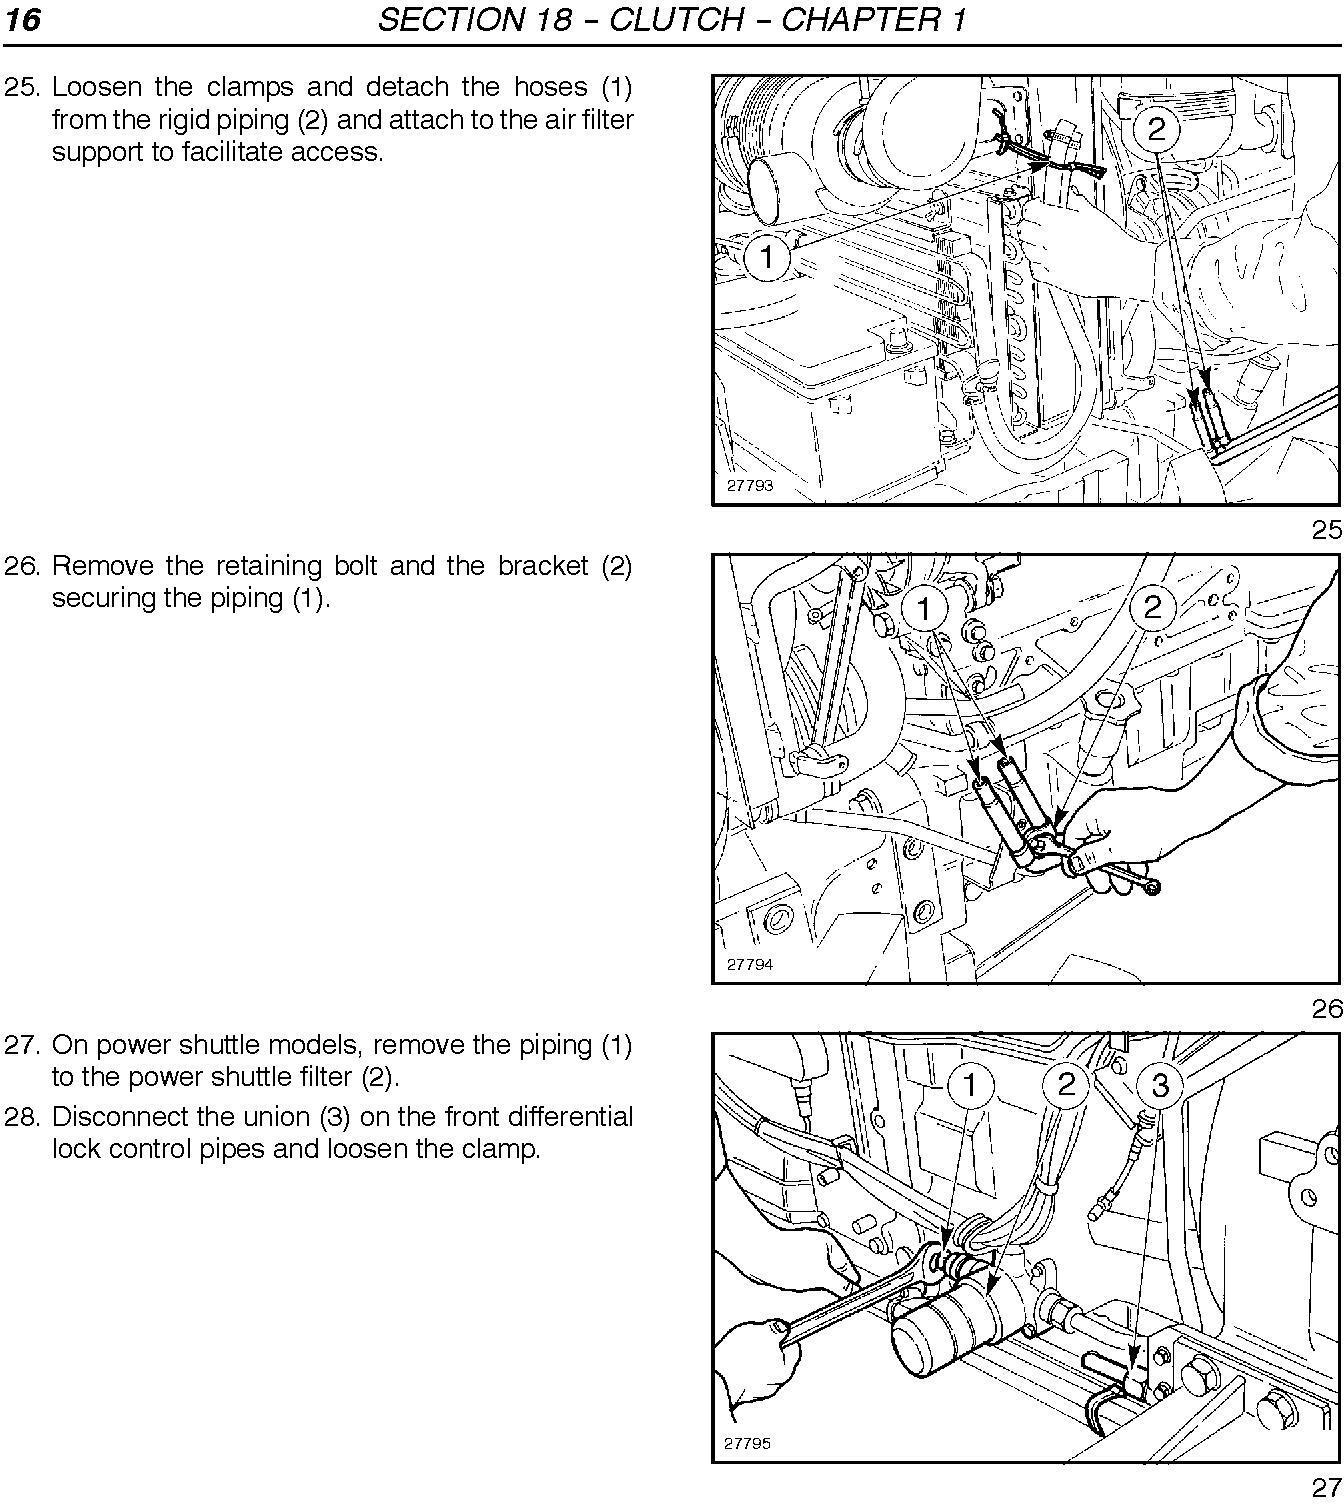 New Holland TN60DA, TN60SA , TN70DA, TN70SA, TN75DA, TM75SA, TN85DA, TN95DA Tractor Service Manual - 2